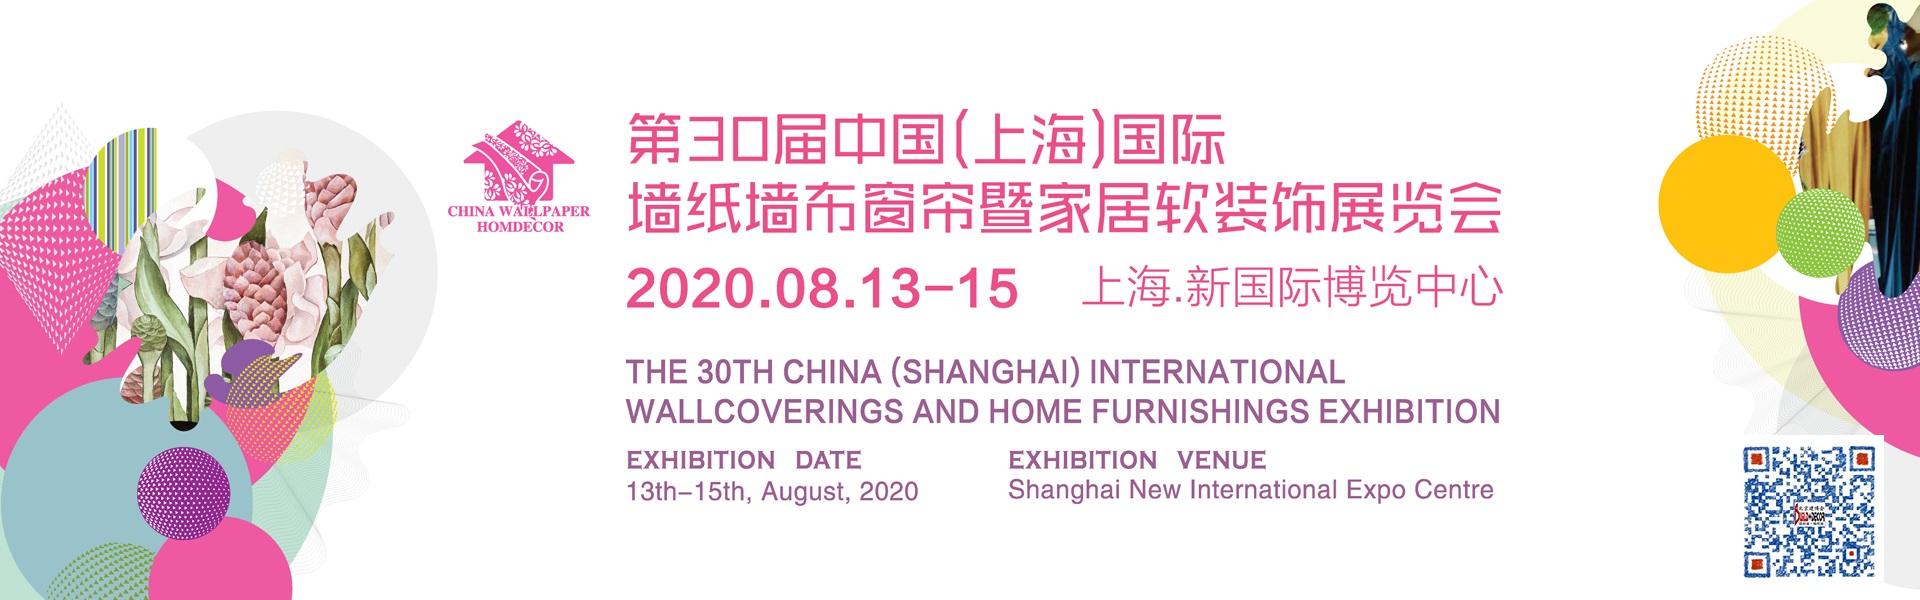 上海墙布展览会《展位咨询》第30届上海壁布墙布展会